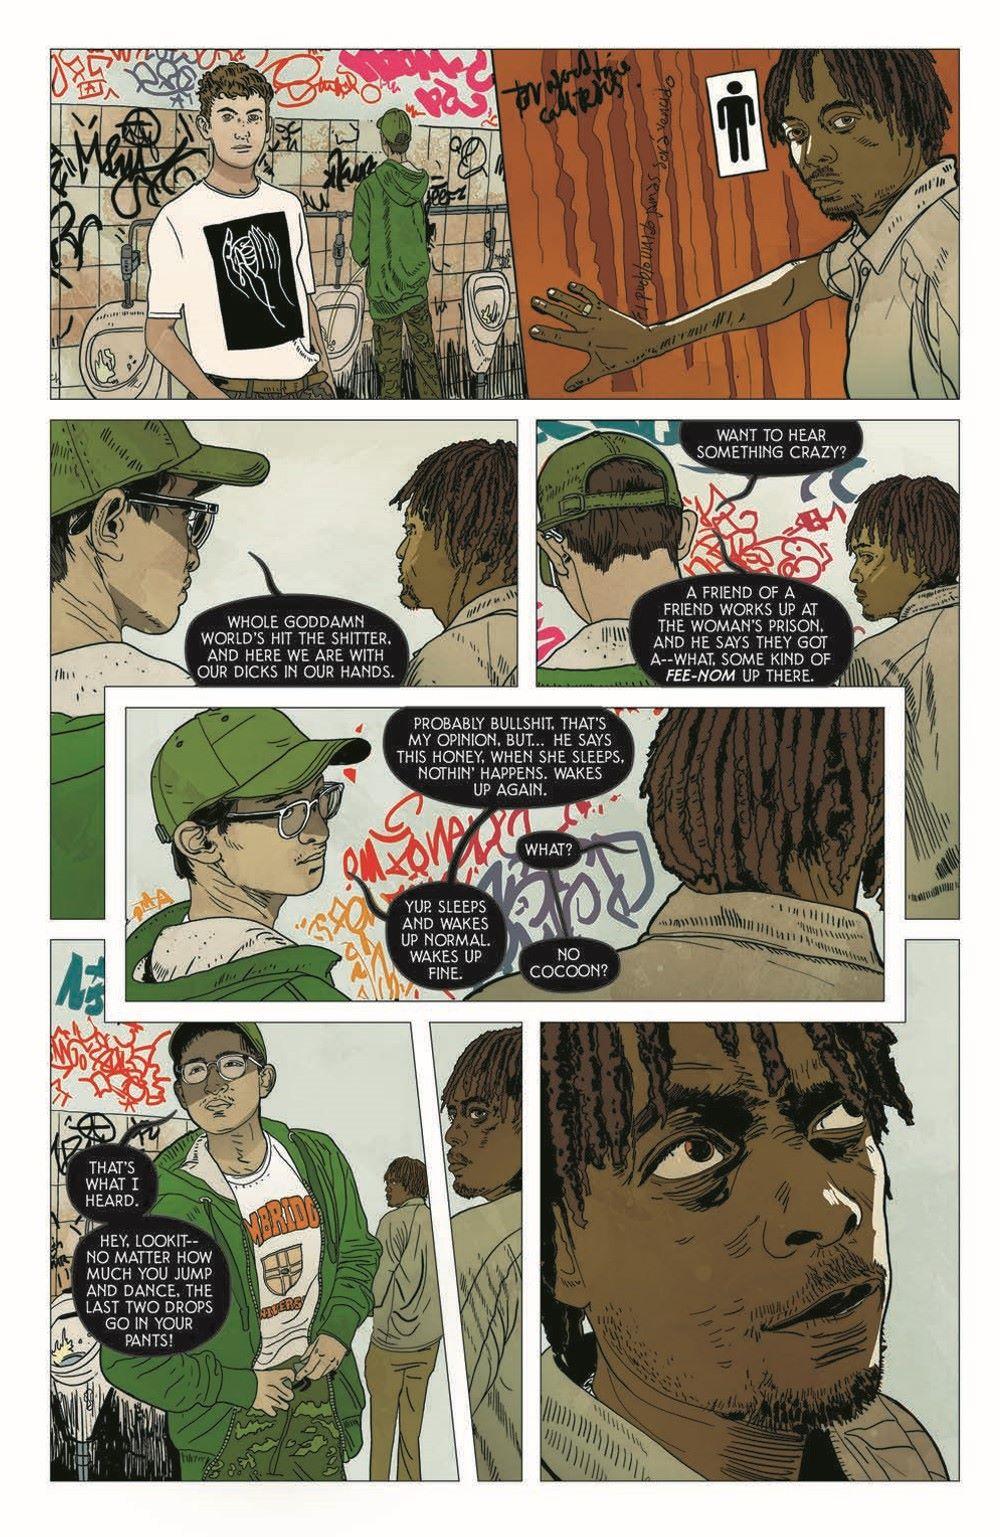 SleepingBeauties_05_pr-5 ComicList Previews: SLEEPING BEAUTIES #5 (OF 10)